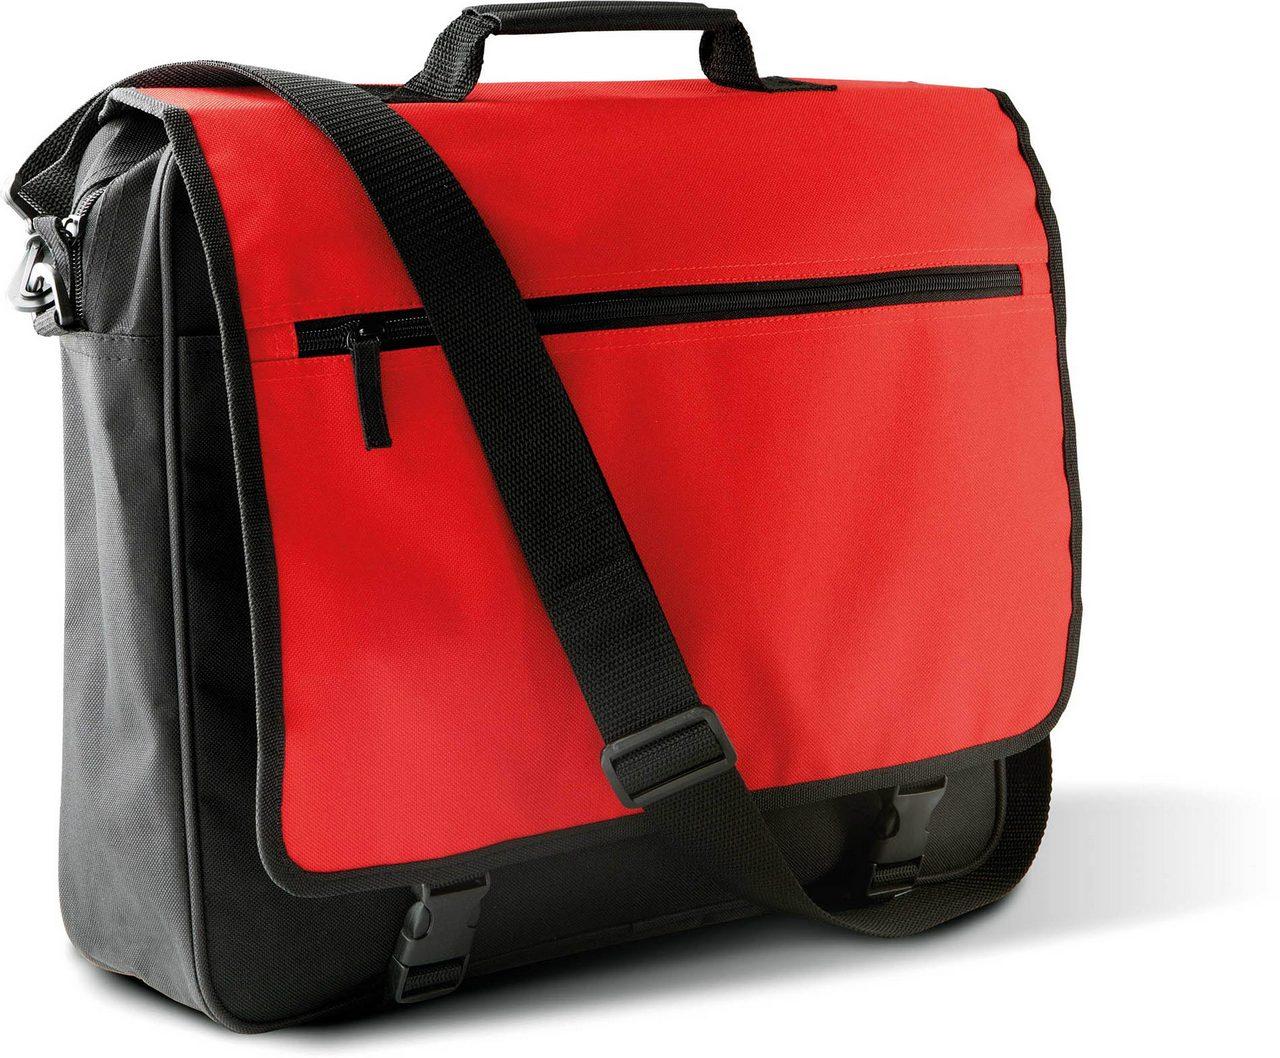 Geanta KI0412 negru rosu lime Genti rucsacuri personalizate conferinta laptop sport compartiment serigrafie broderie termotransfer